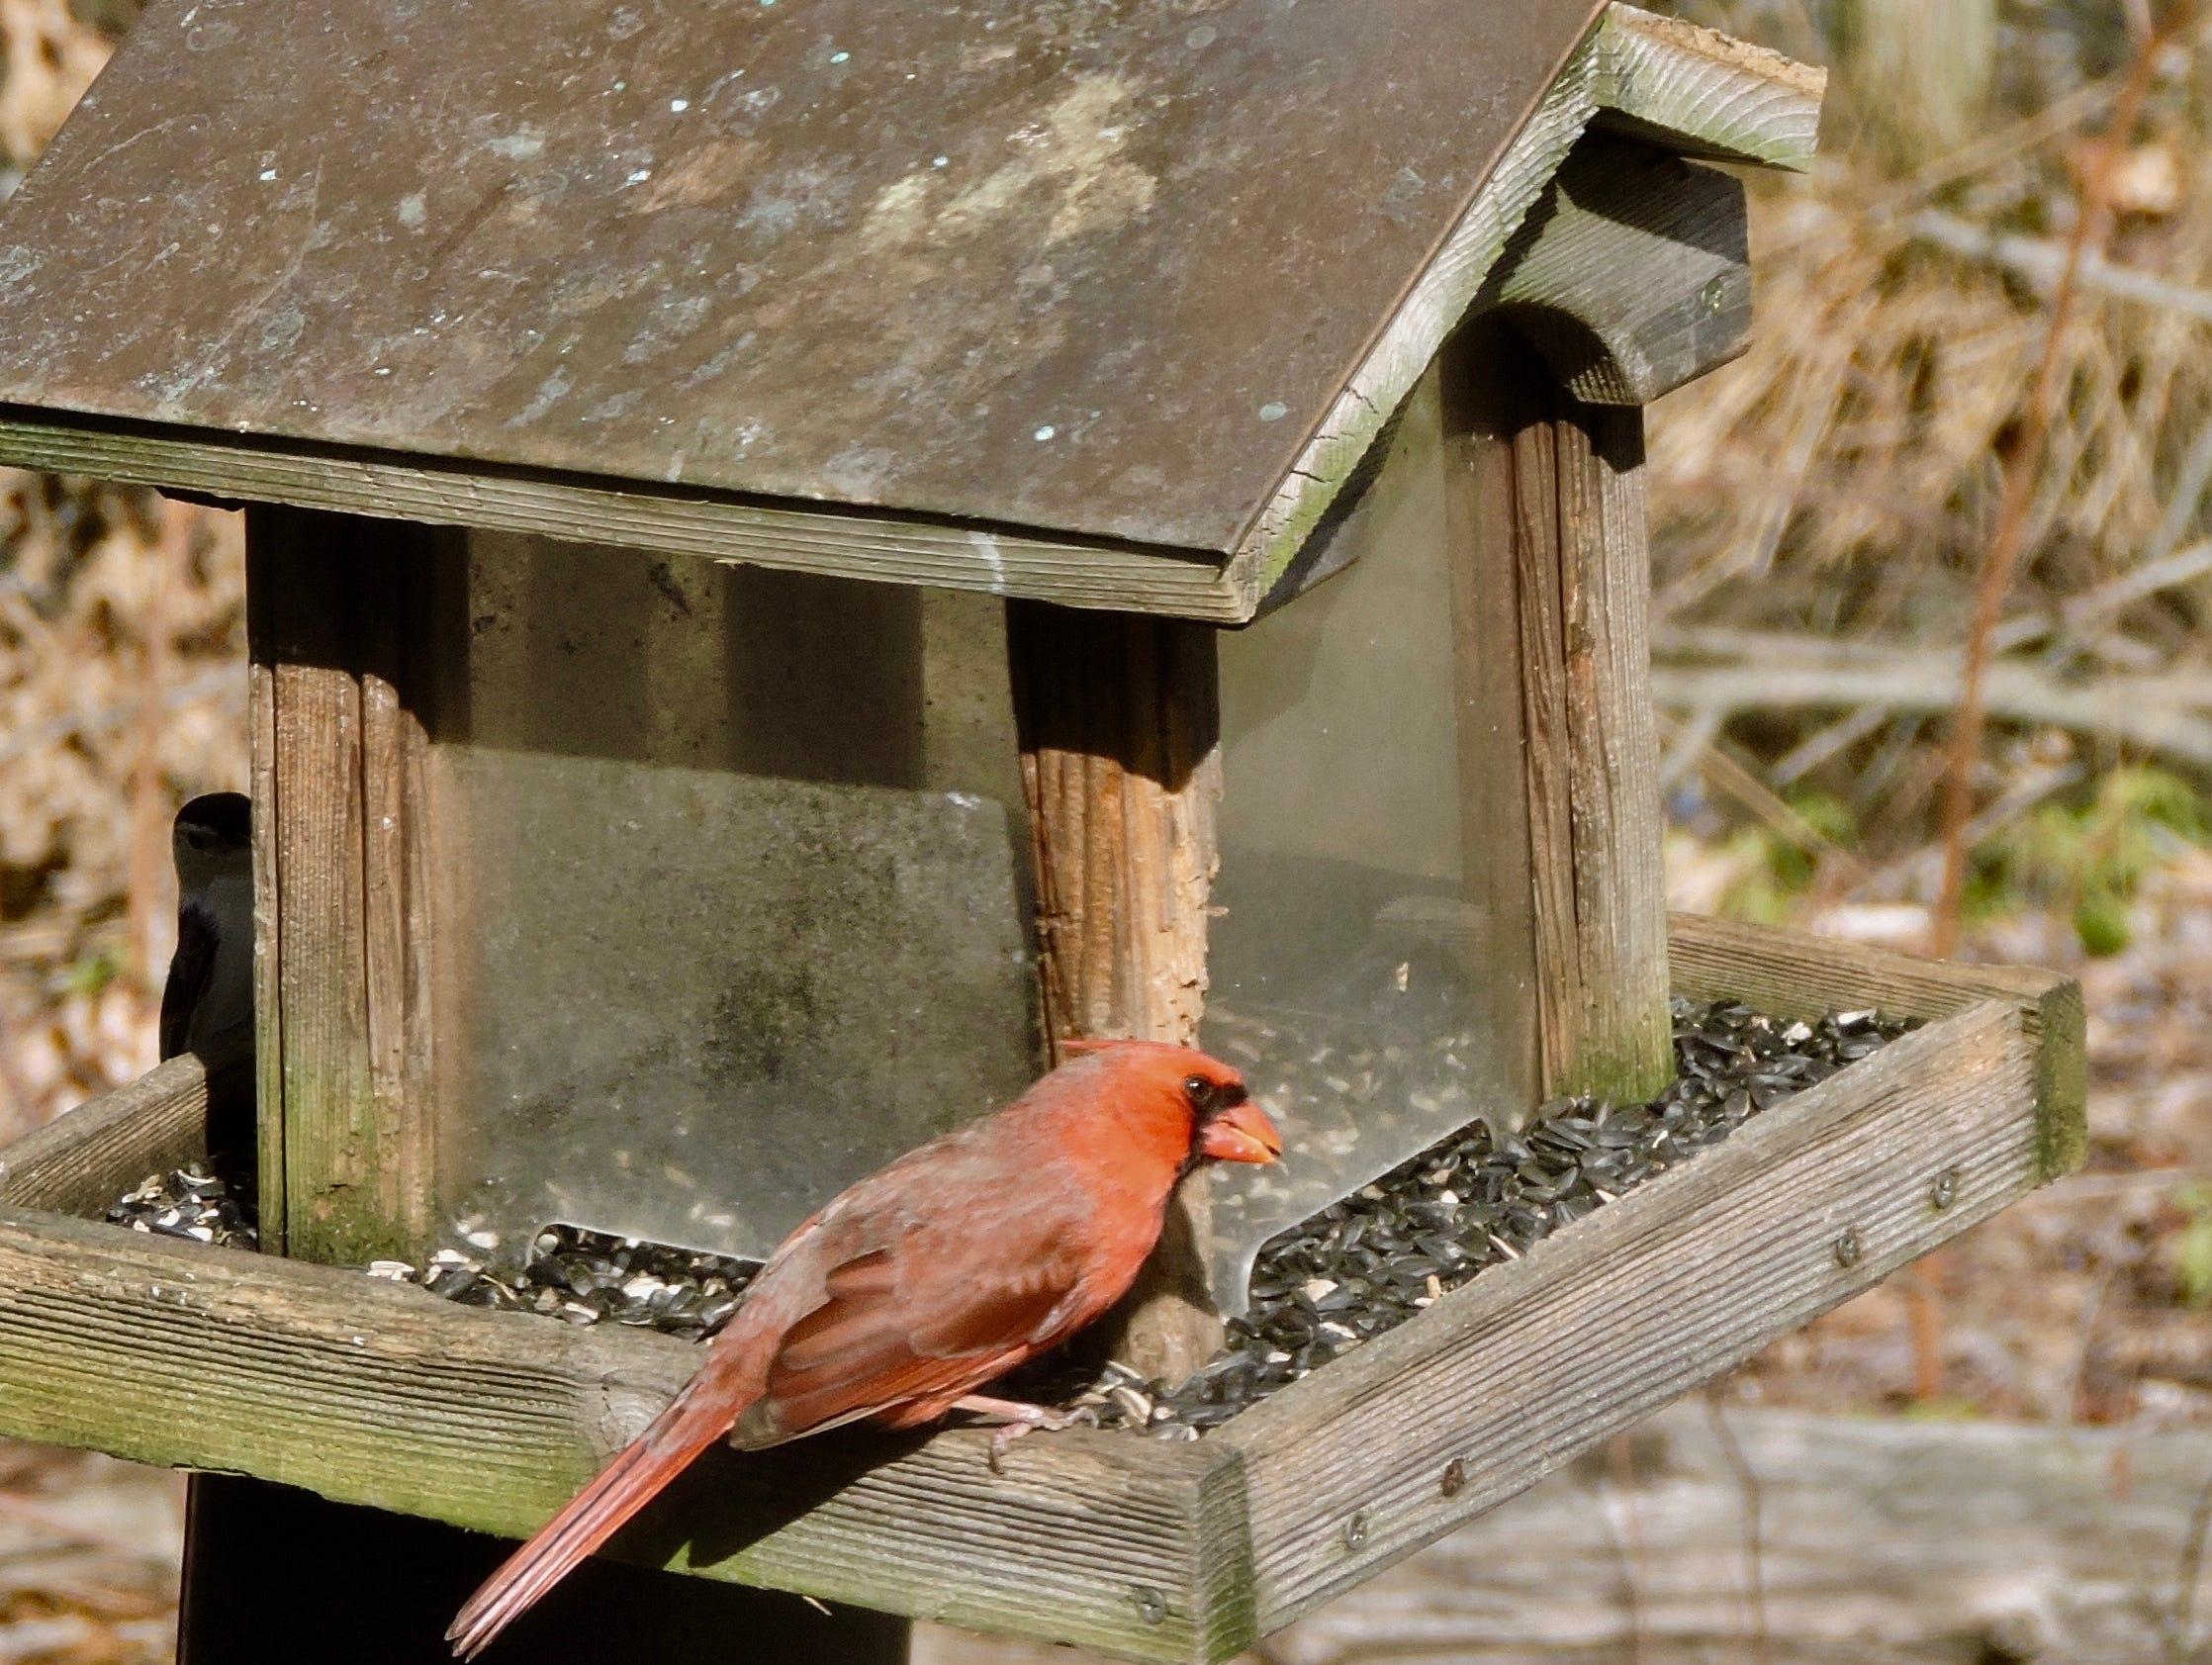 Saying goodbye to old backyard bird feeder